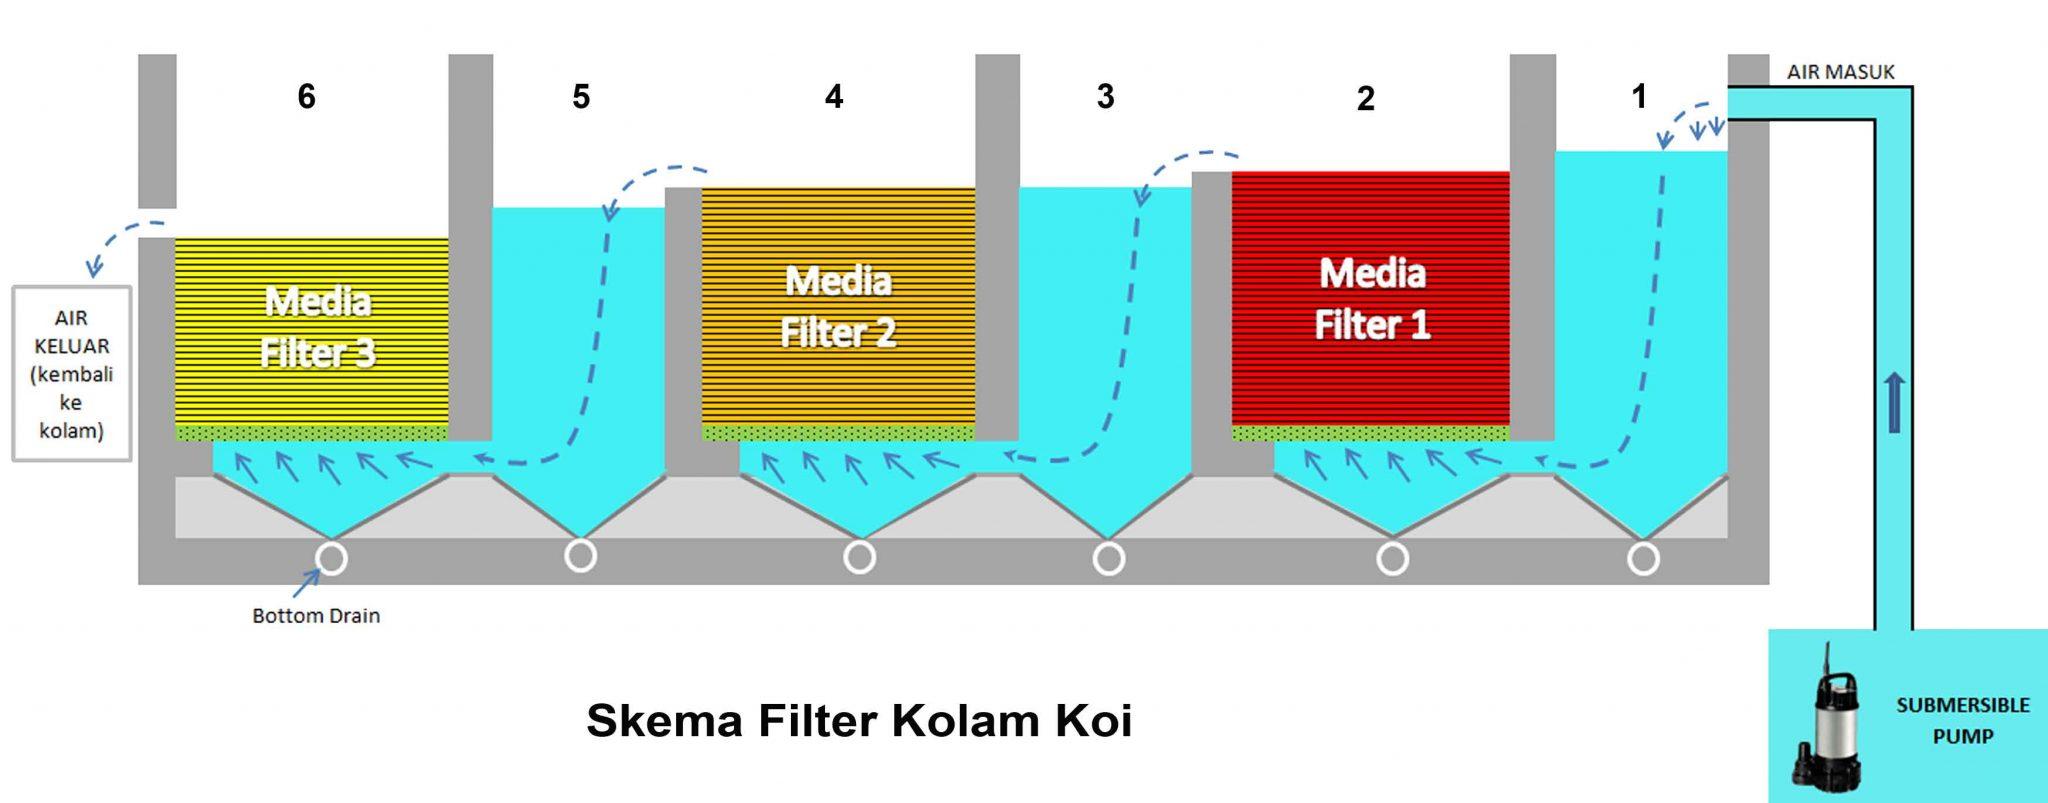 skema filter